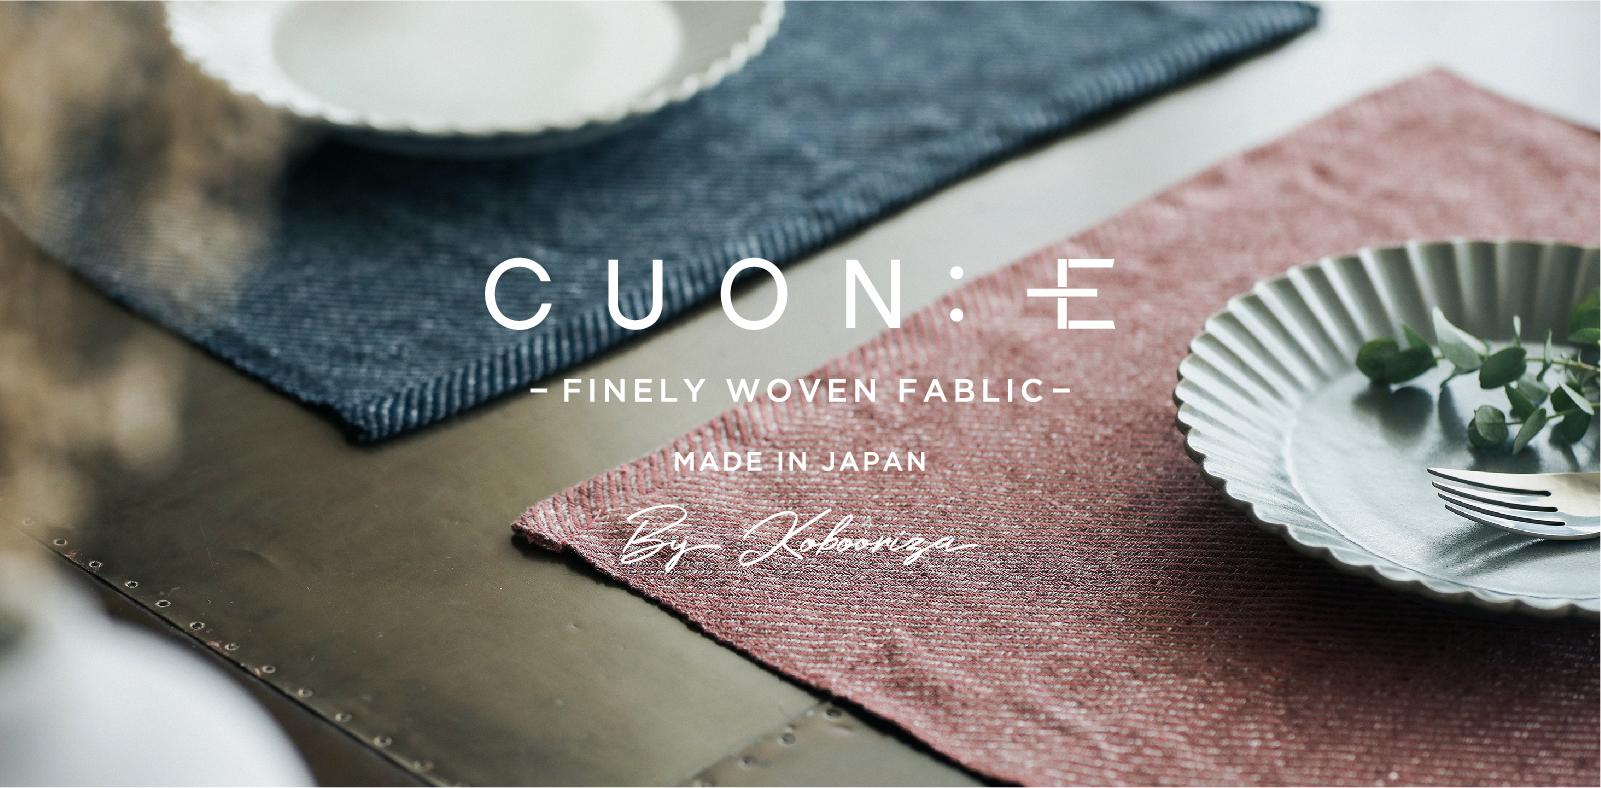 CUON:Eブランド画像